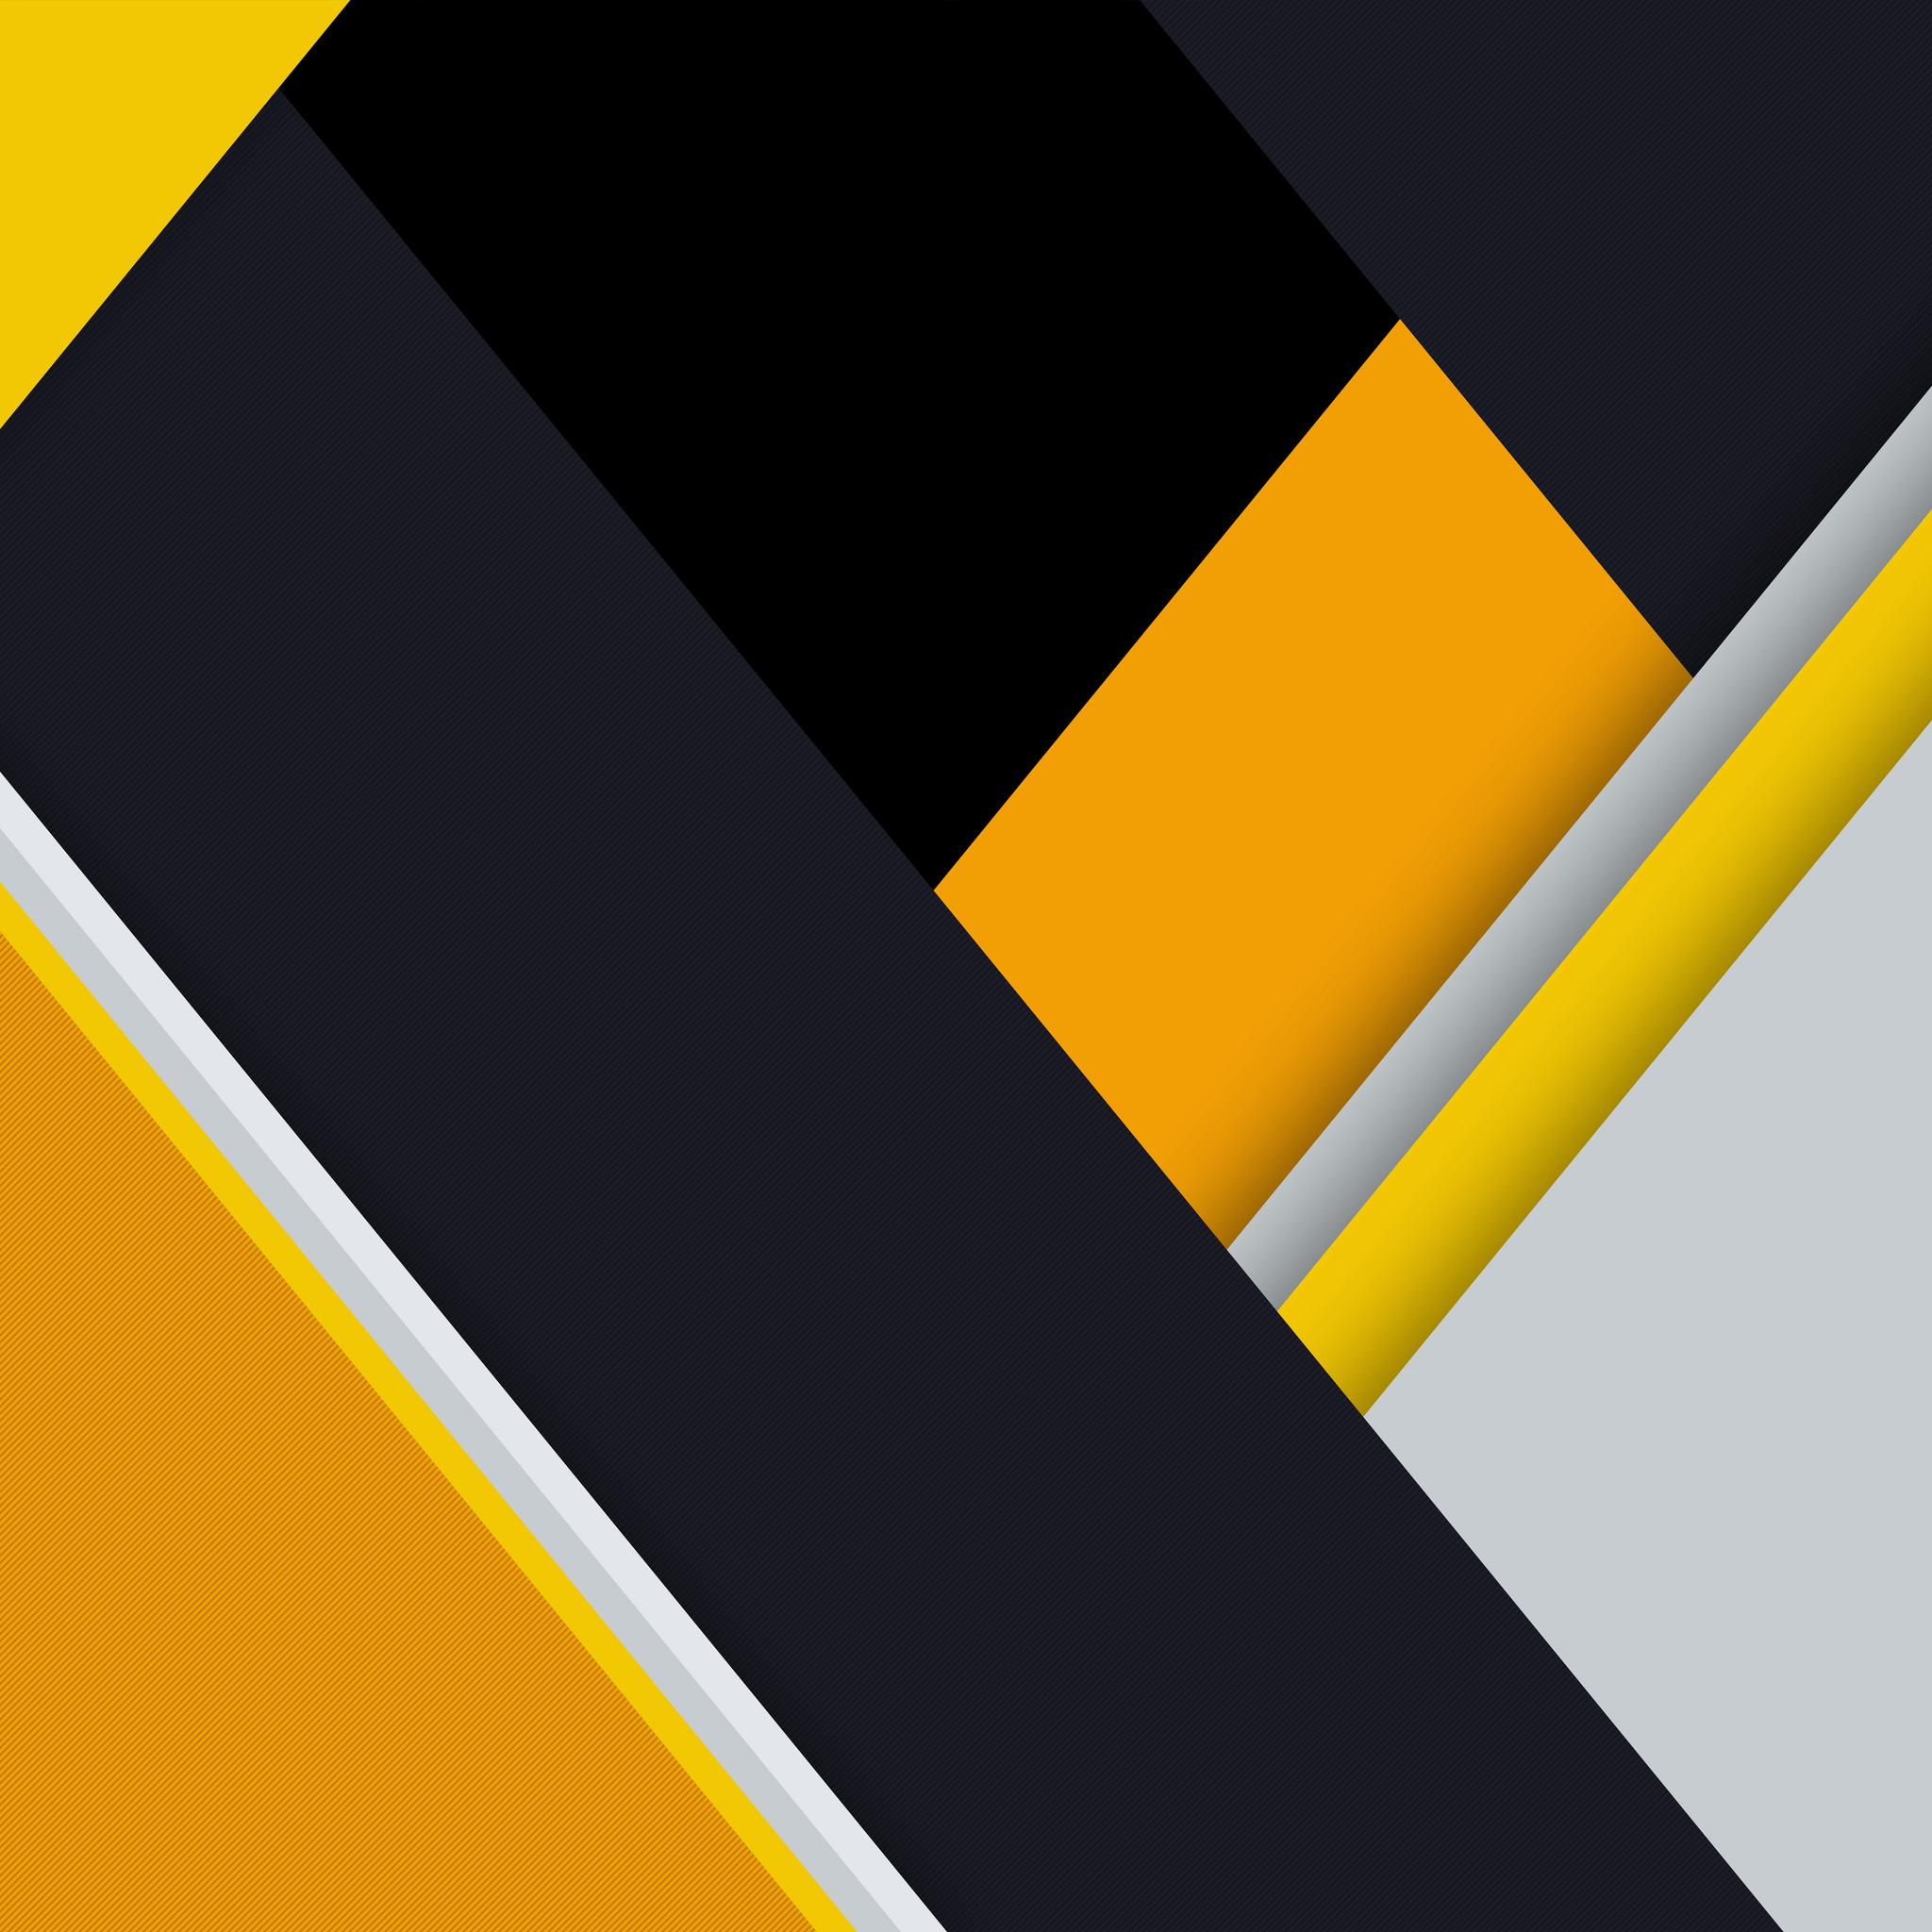 2048x2048 Yellow Material Design Abstract 8k Ipad Air HD